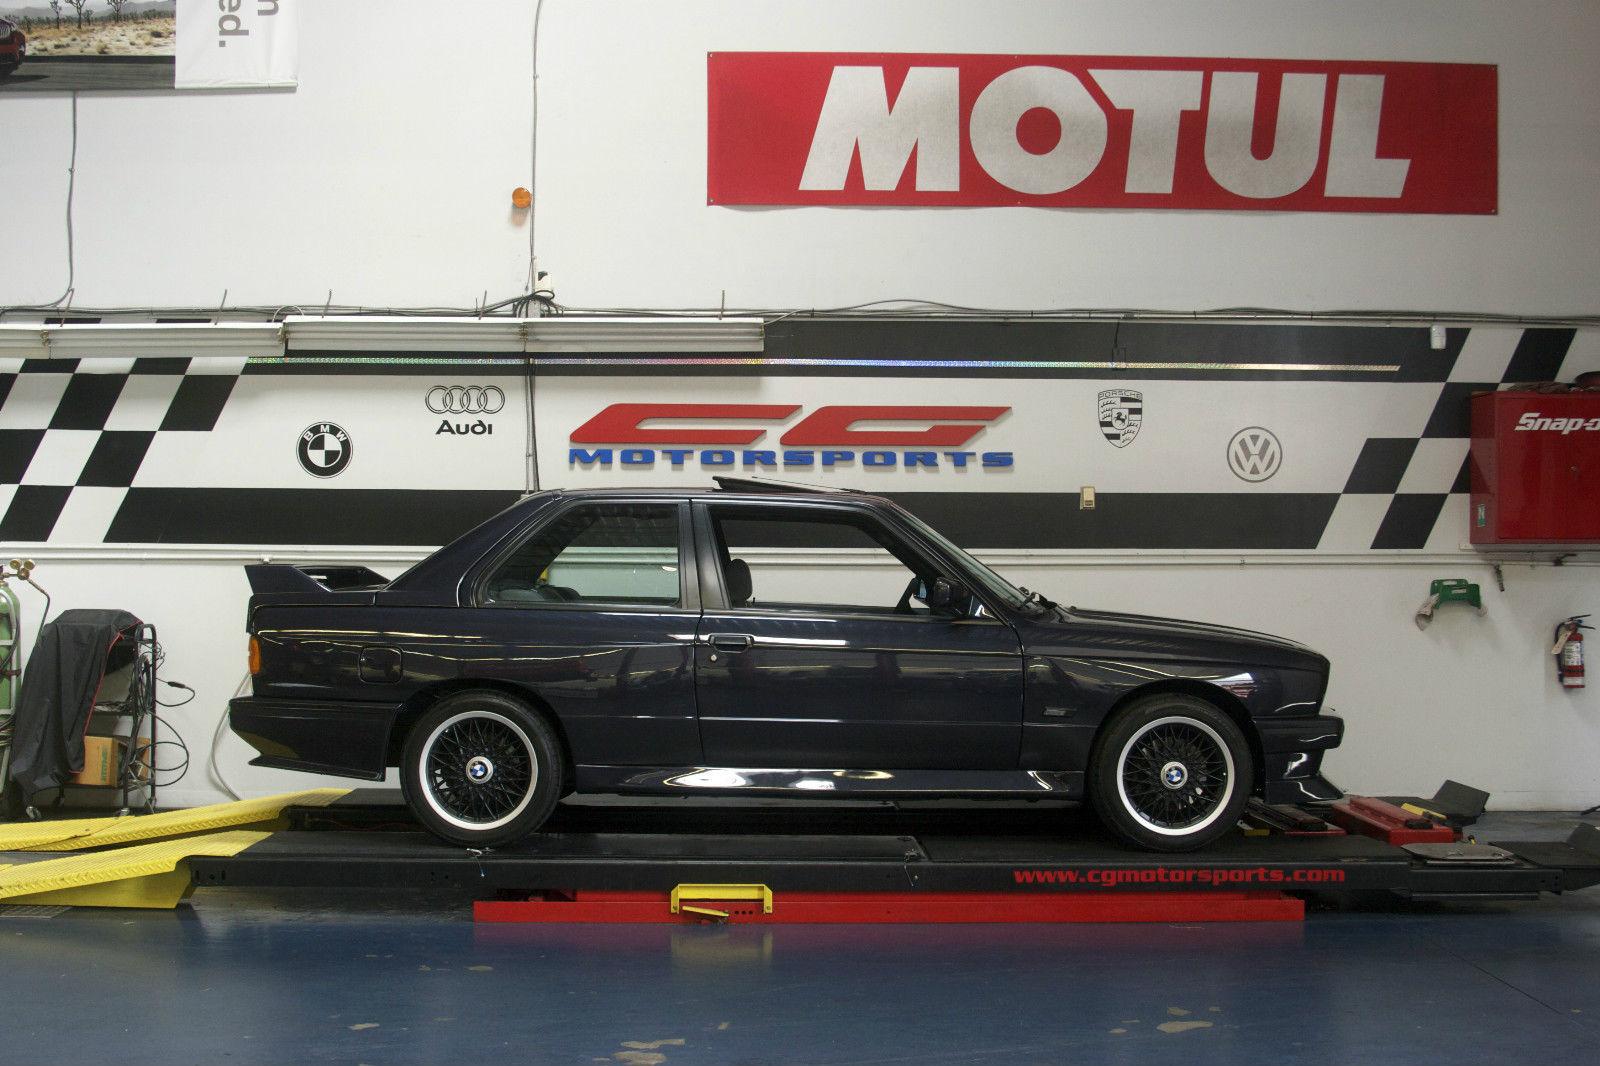 Rare BMW E30 M3 Evo II for sale - thecherrycreeknews.com